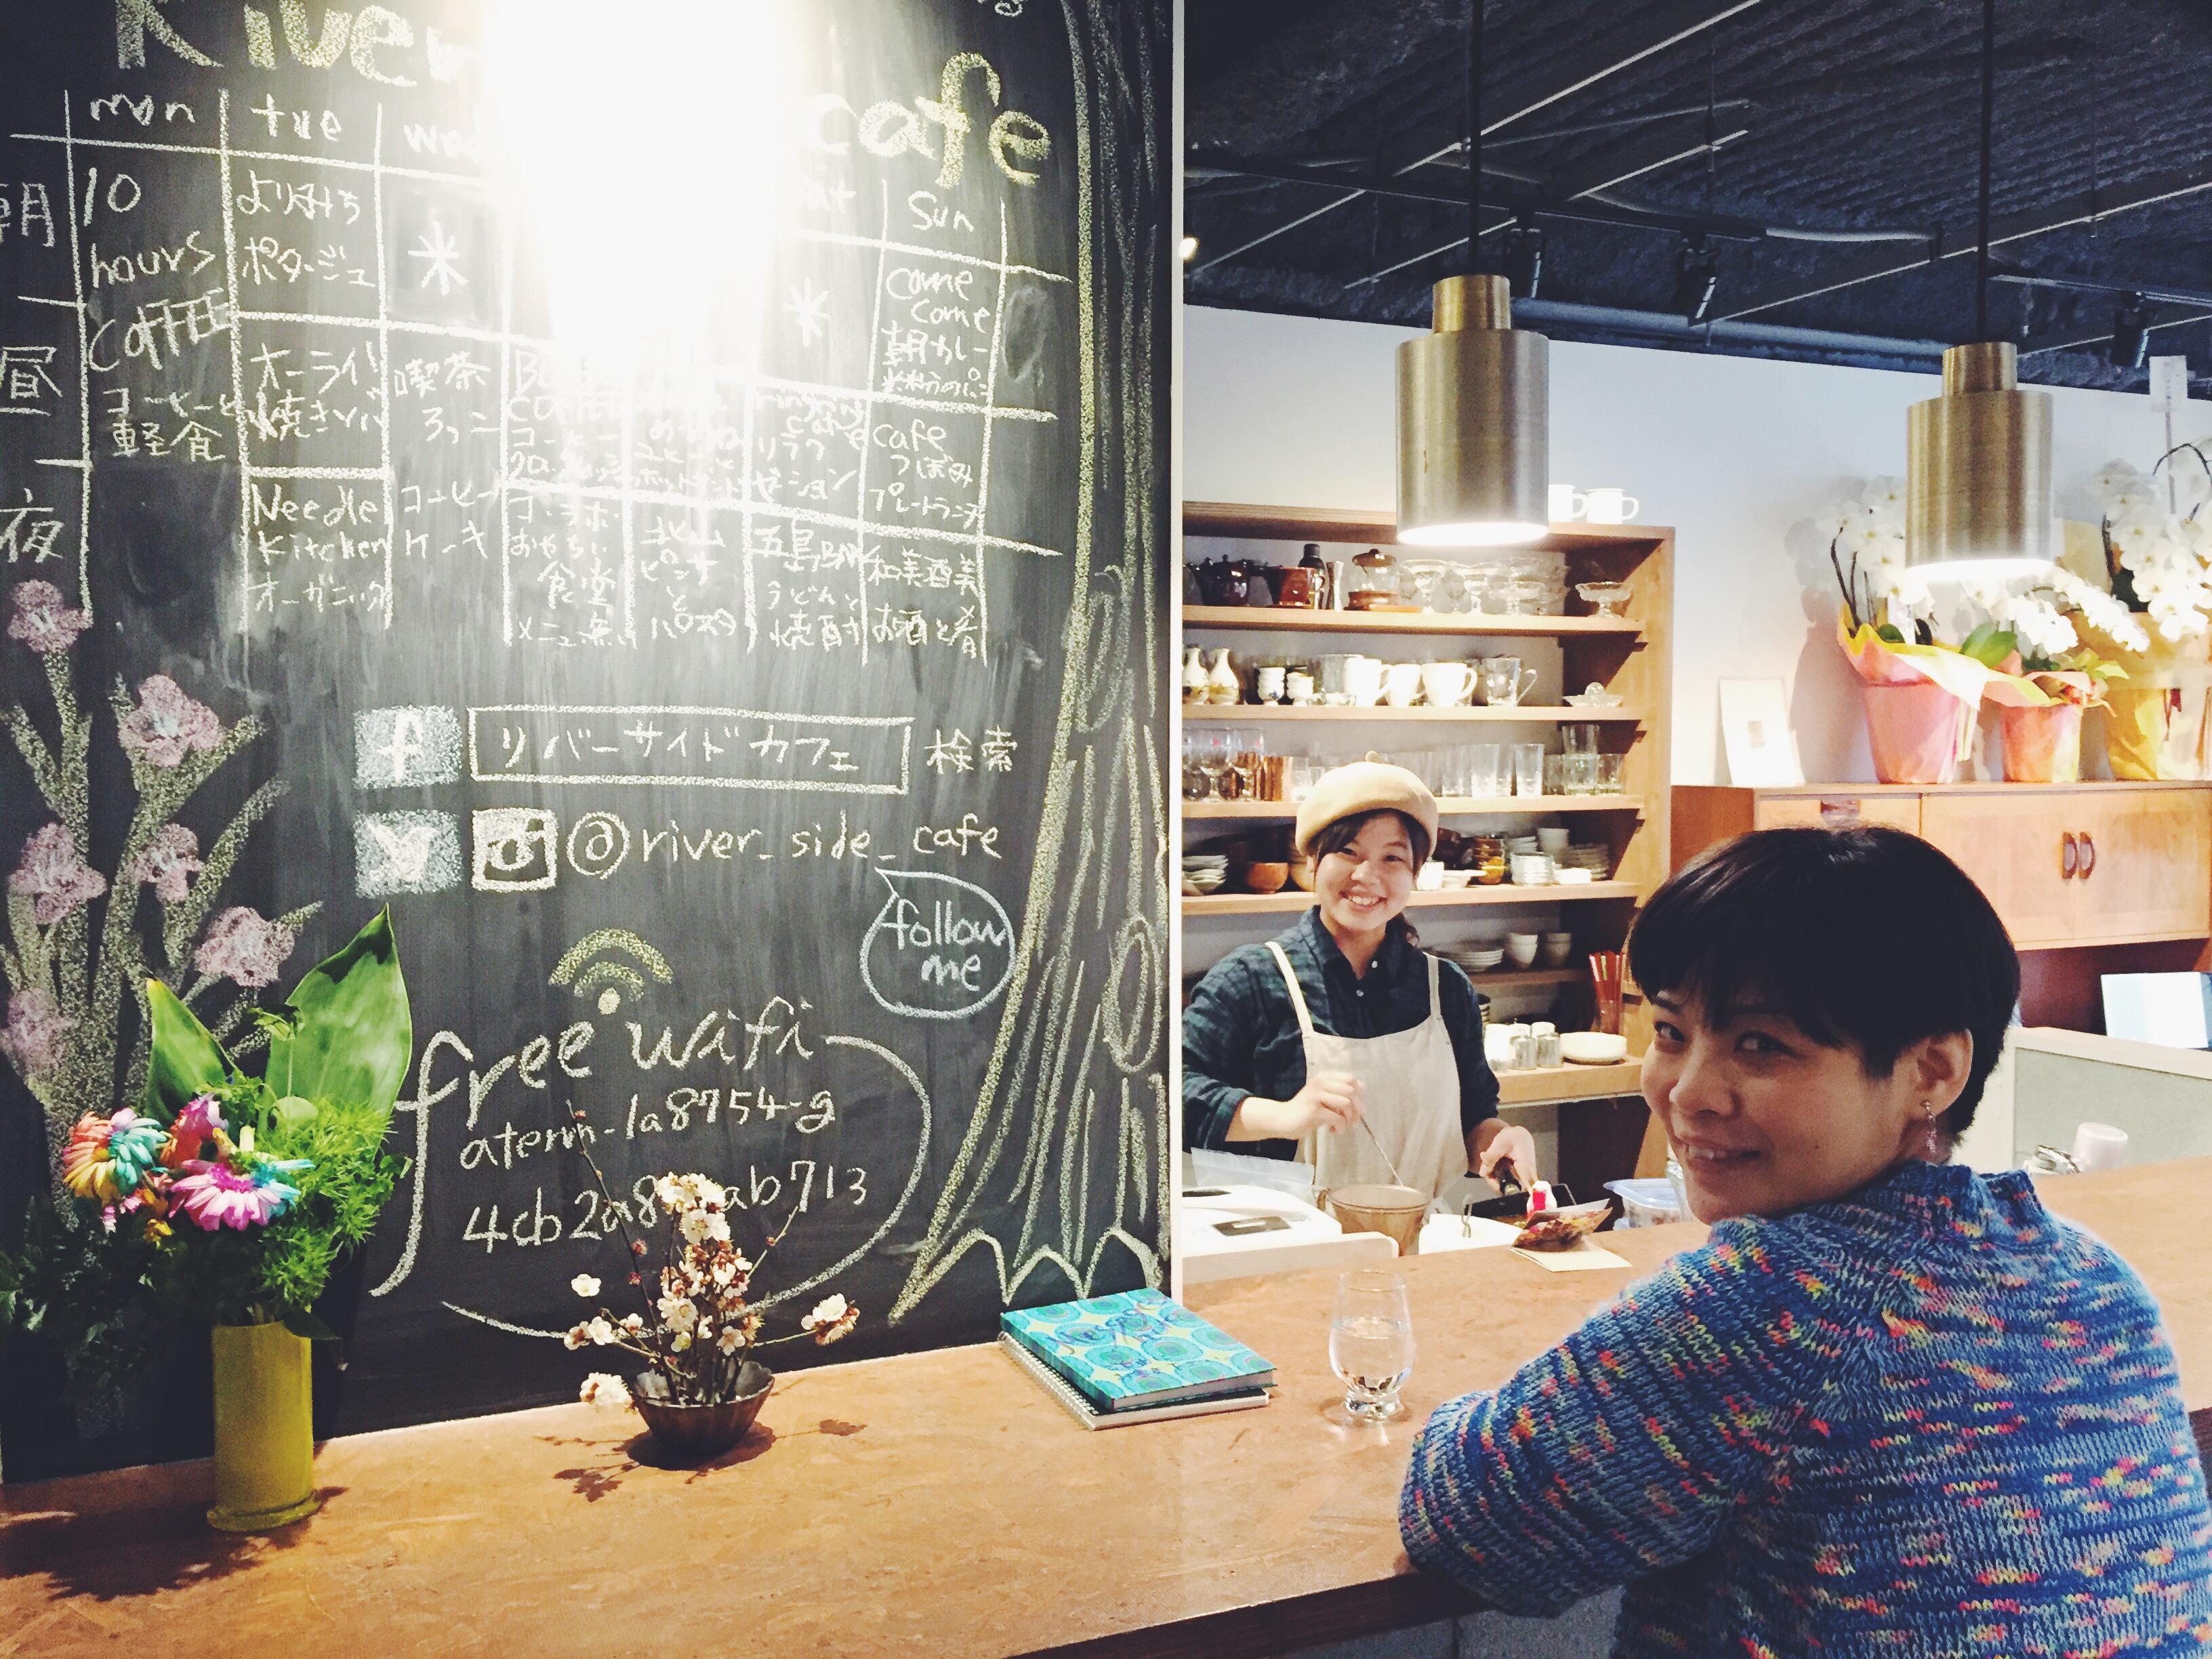 「リバーサイドカフェ」に毎週日曜日お昼だけのお店「ごはんcafe つぼみ」がオープンしました。